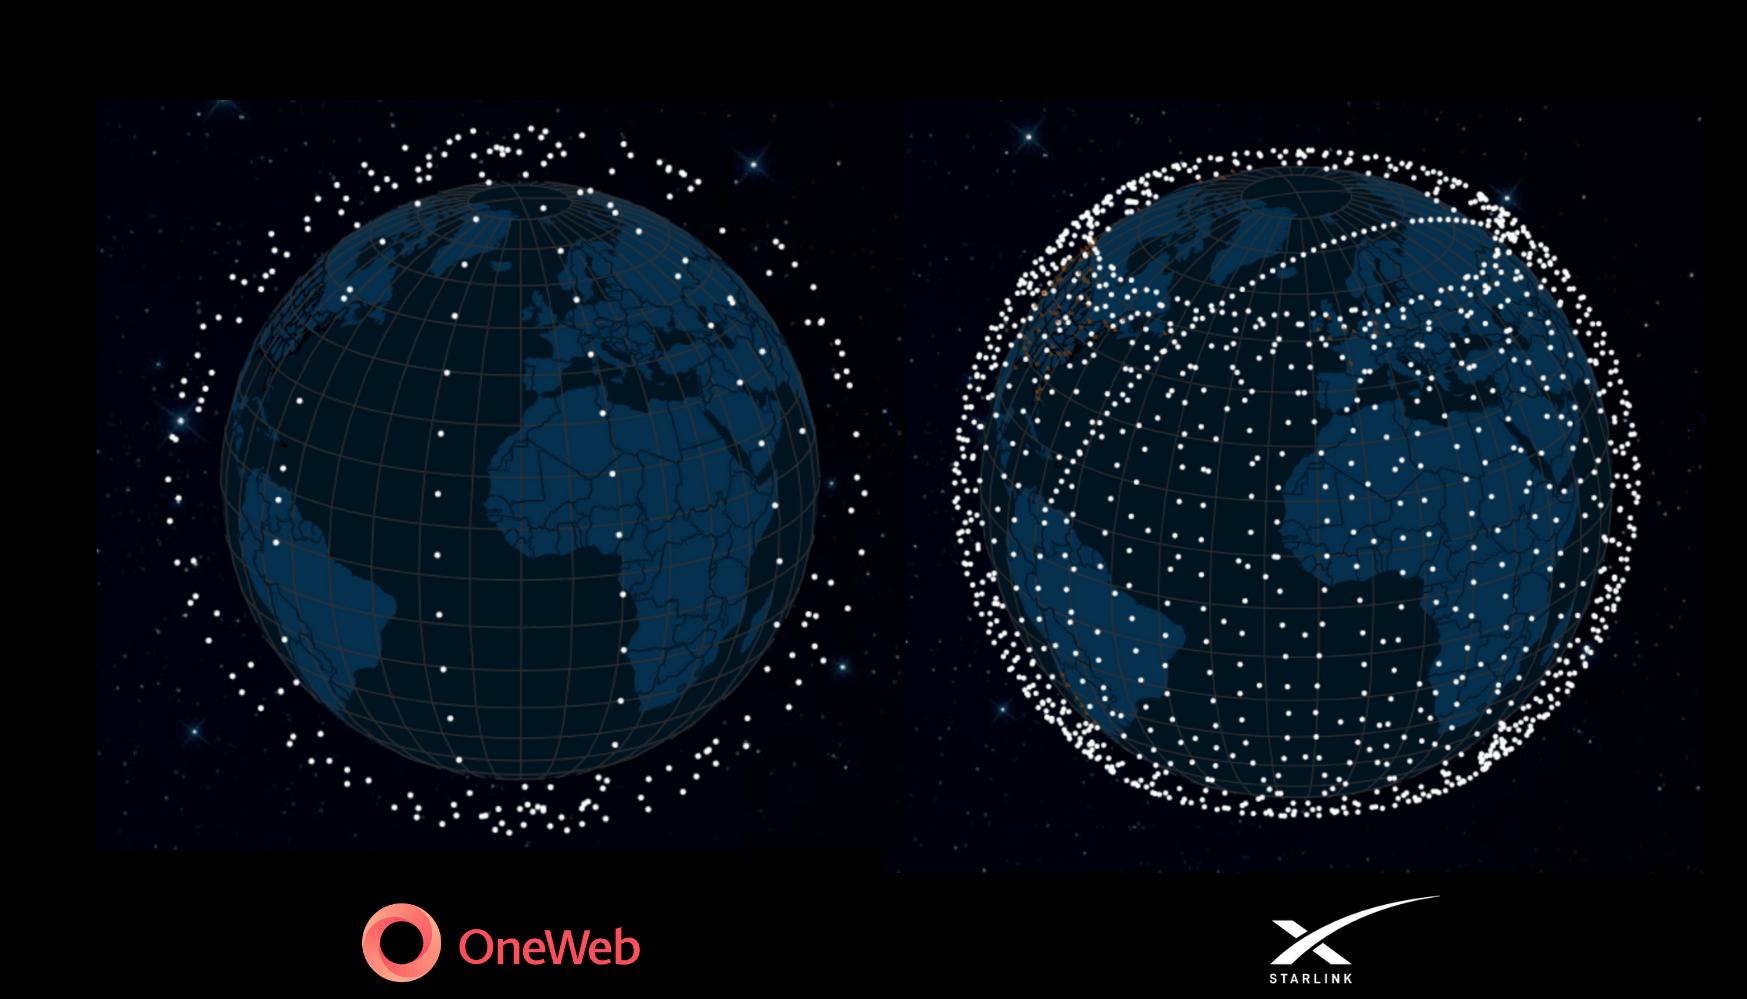 Confronto fra le due costellazioni OneWeb e Starlink aggiornato al 13 ottobre, senza gli Starlink lanciati oggi. Credits: SatelliteMap. India